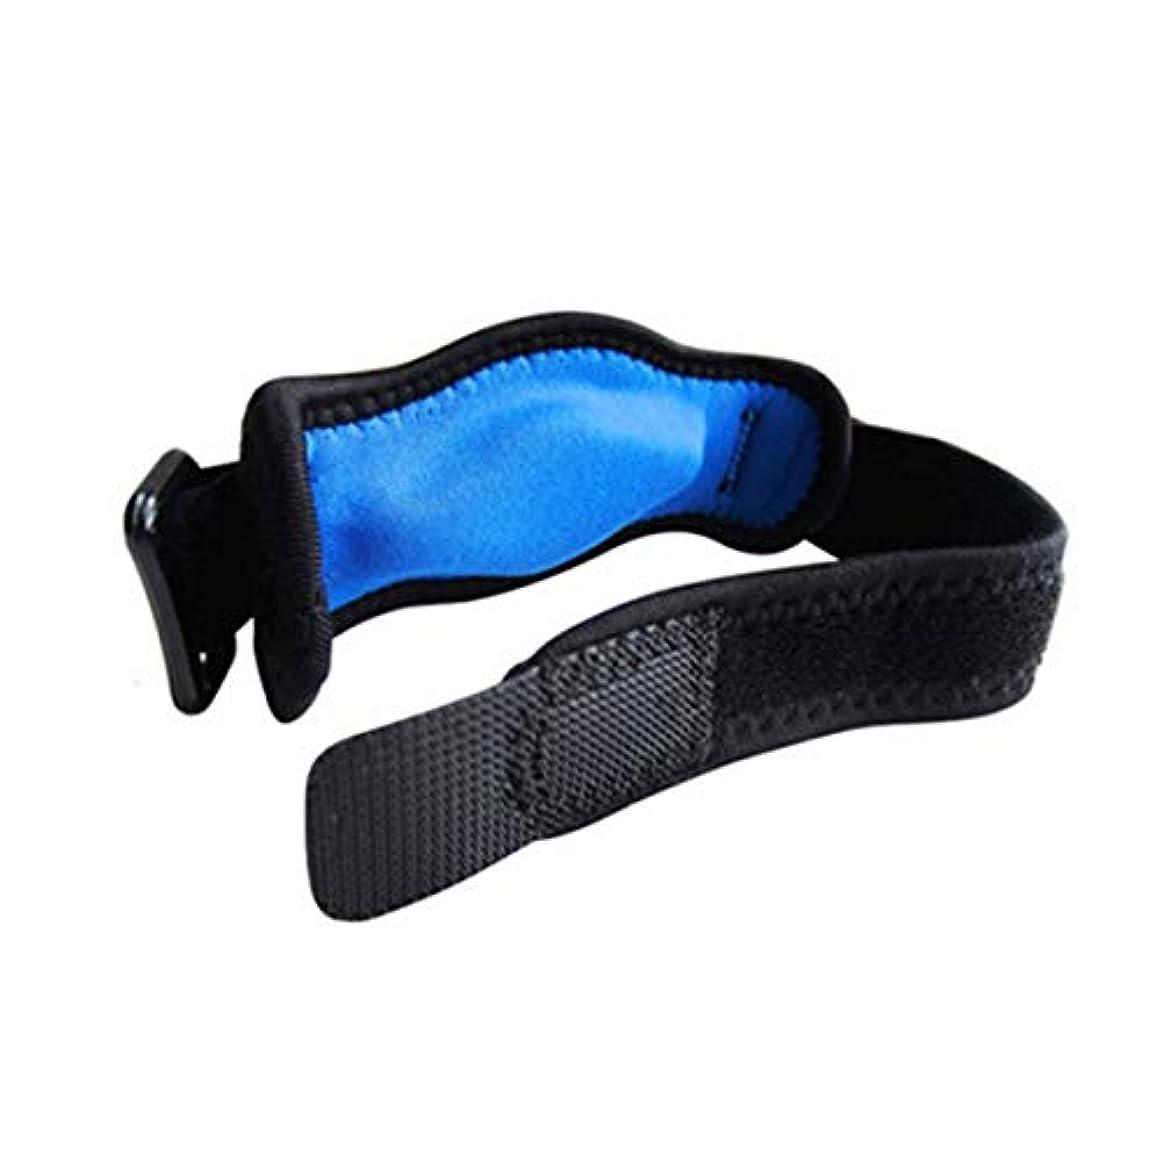 閉じるサリー生命体調節可能なテニス肘サポートストラップブレースゴルフ前腕痛み緩和 - 黒